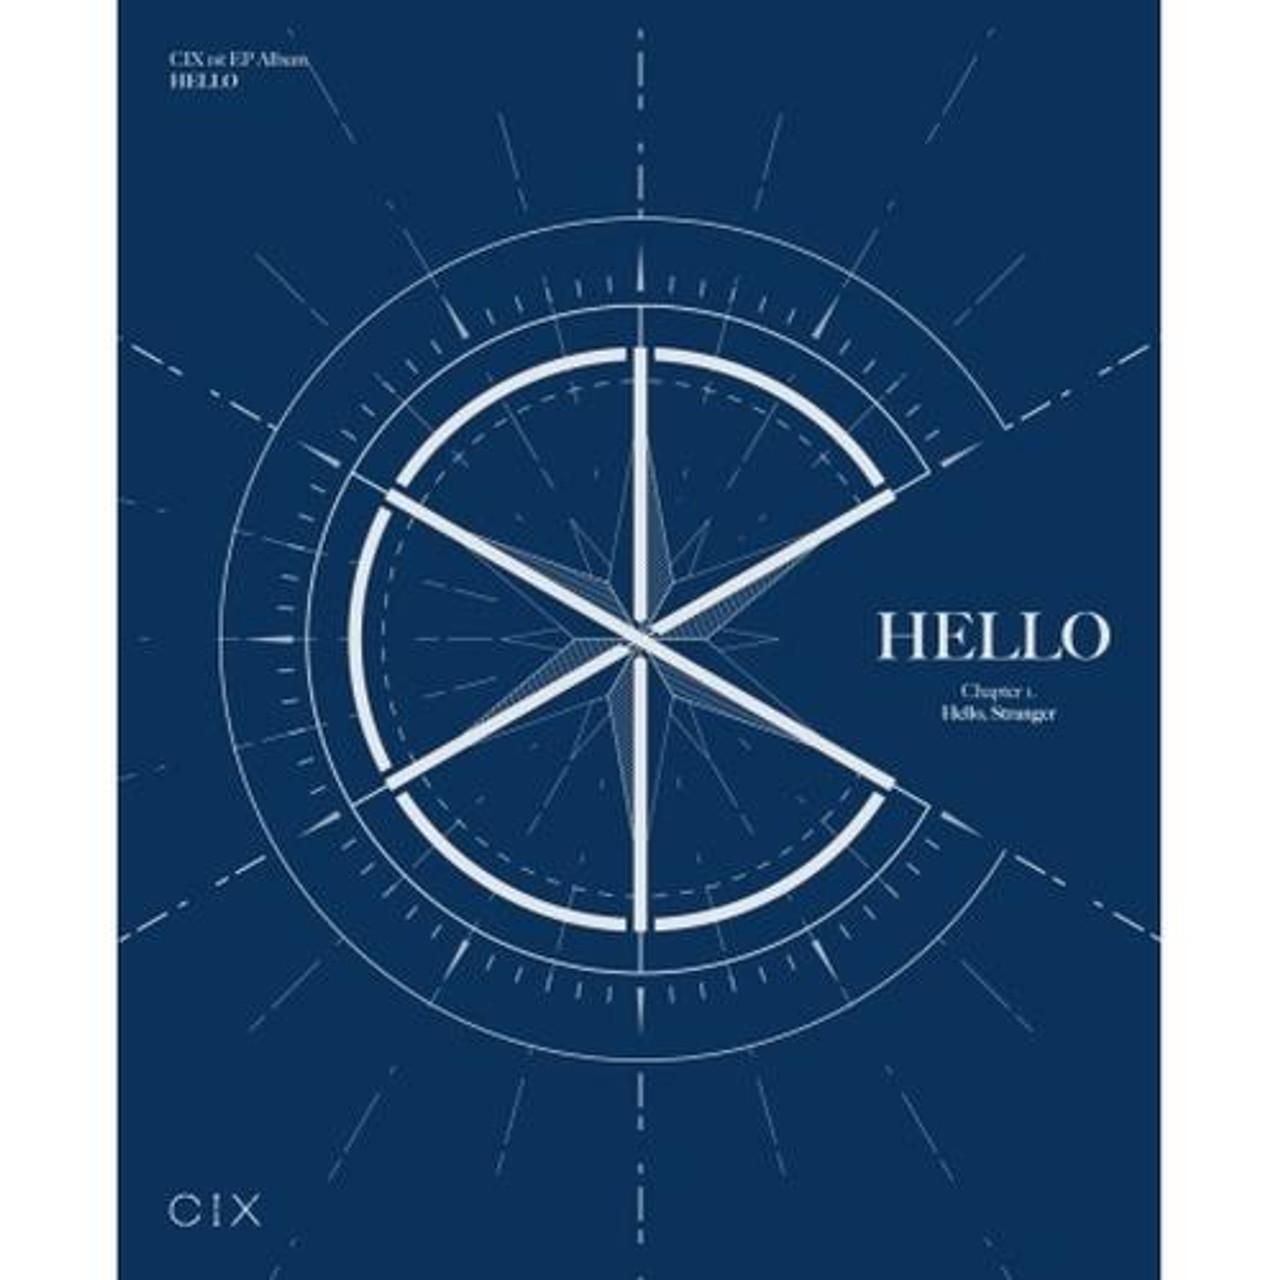 CIX - CIX 1st EP ALBUM   HELLO' Chapter 1.  Hello, Stranger (Stranger ver.) + Poster